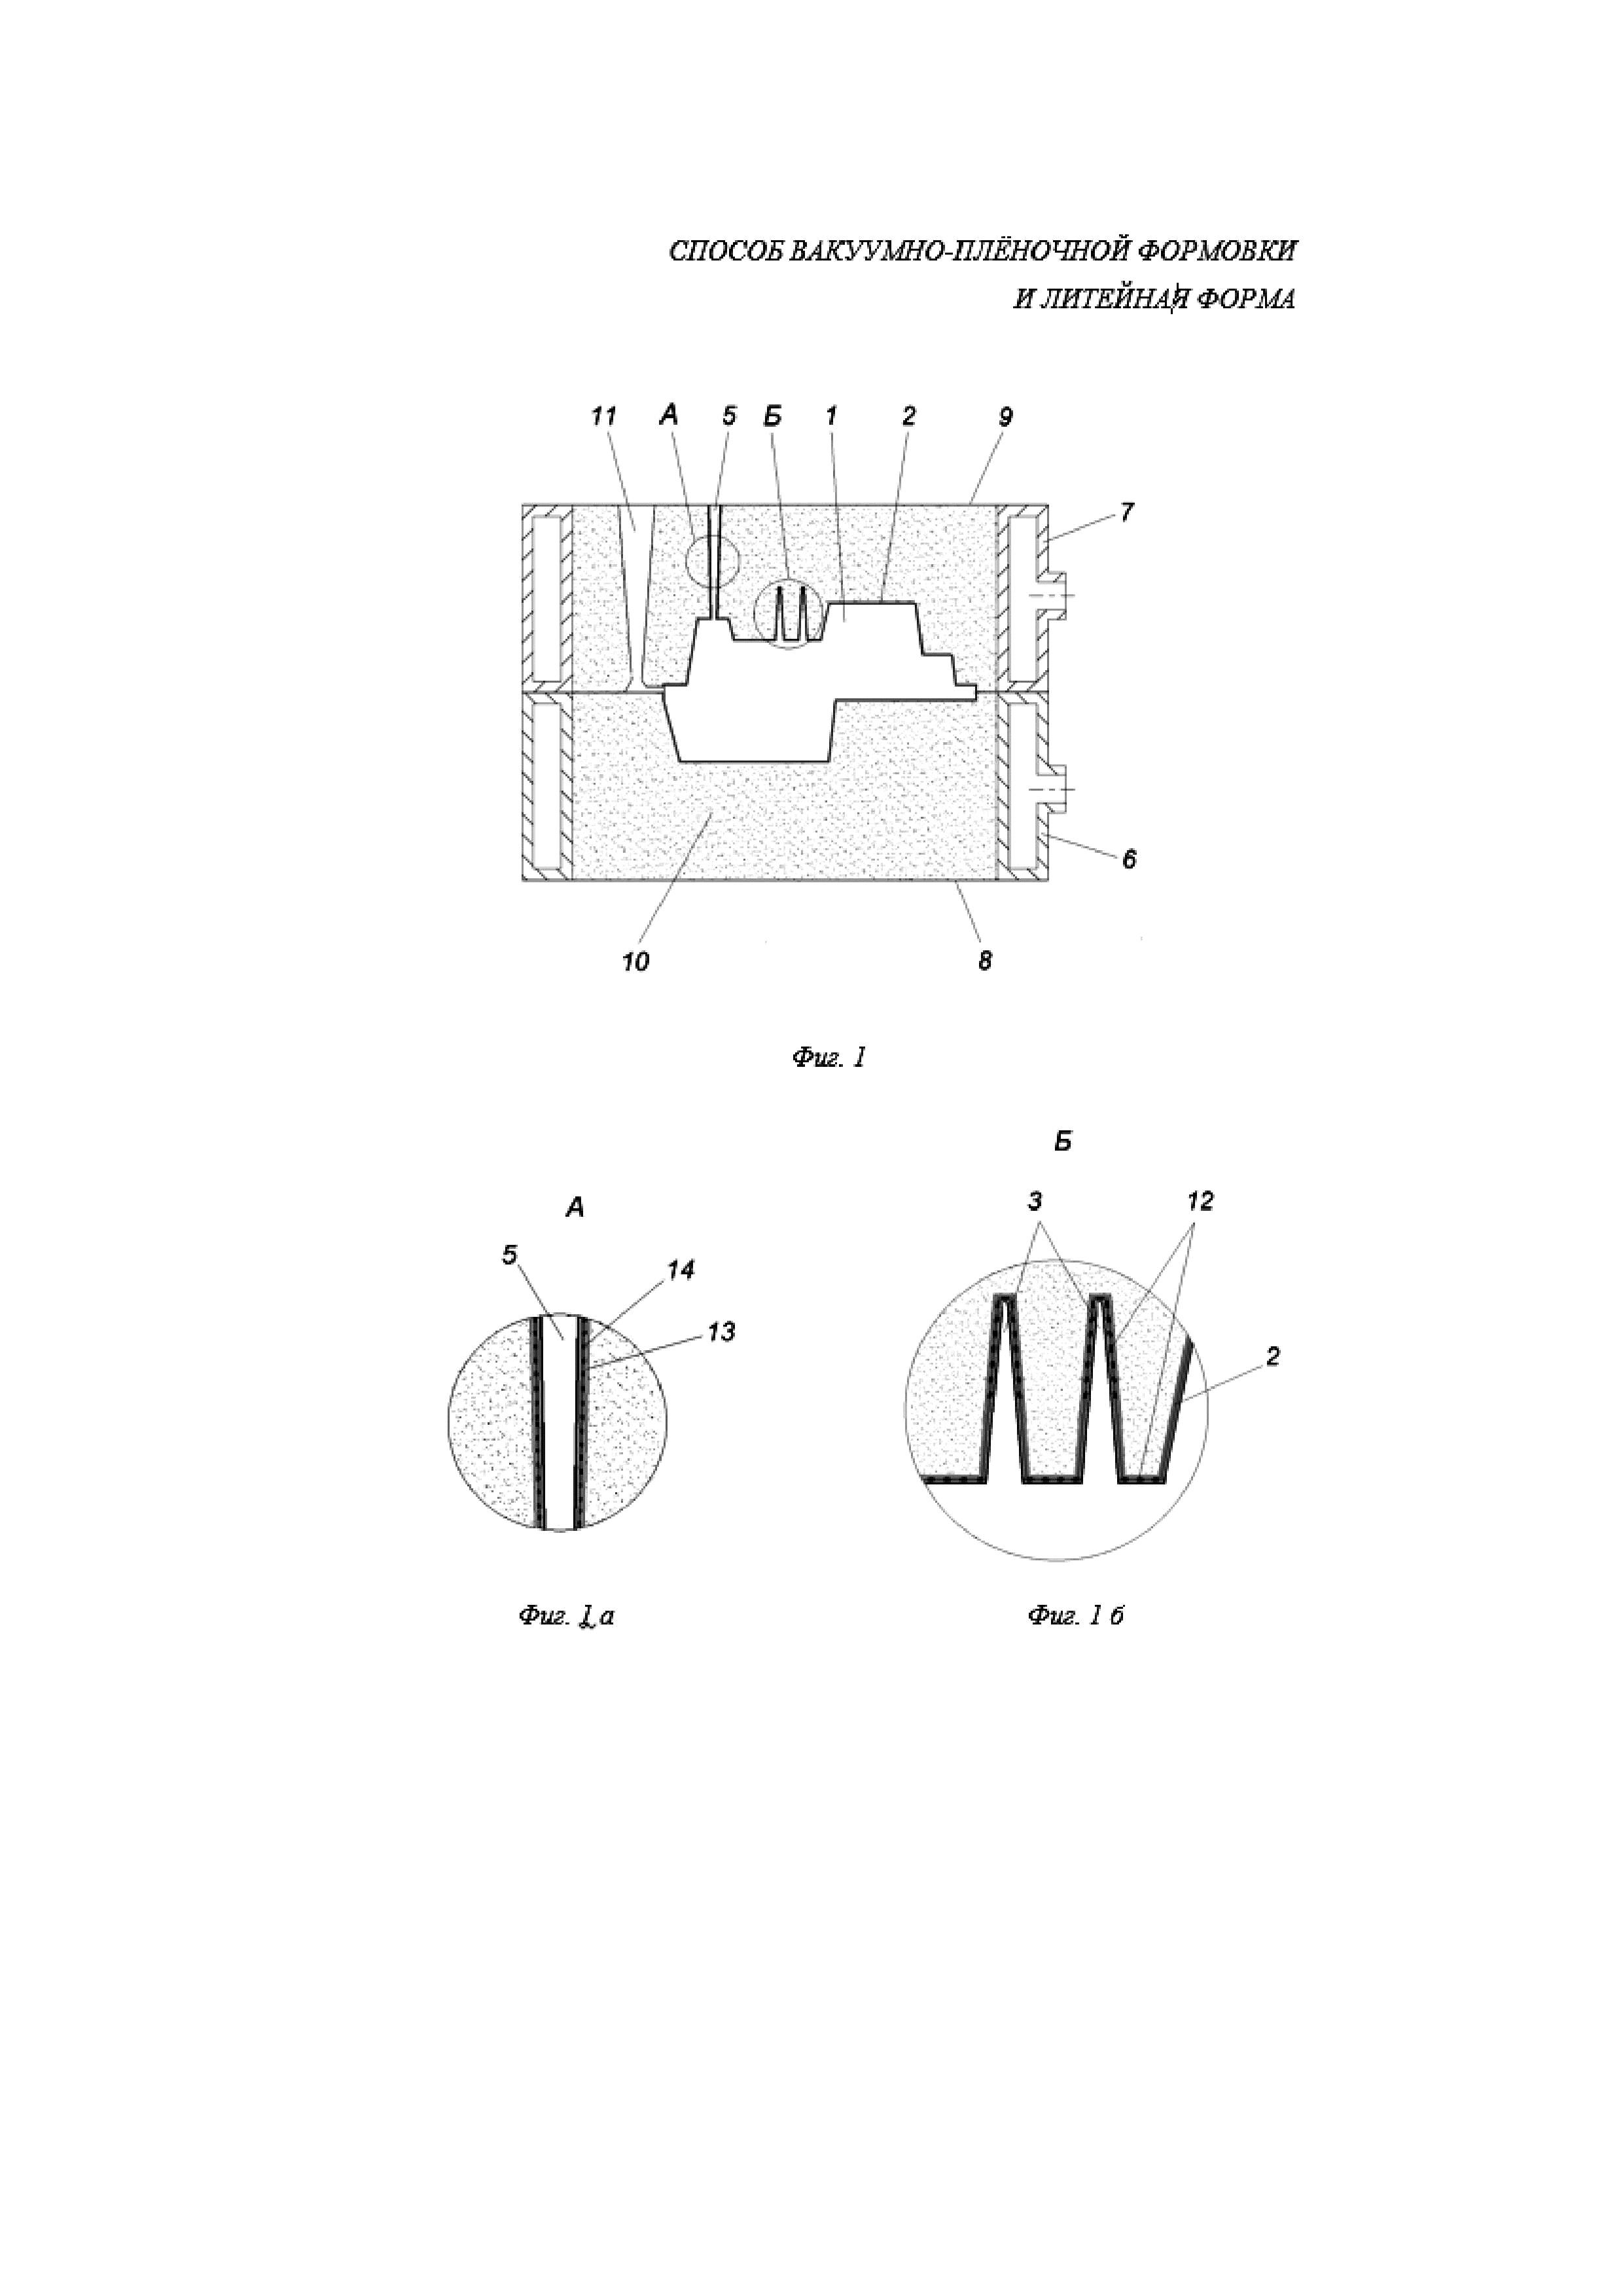 Способ вакуумно-пленочной формовки и литейная форма